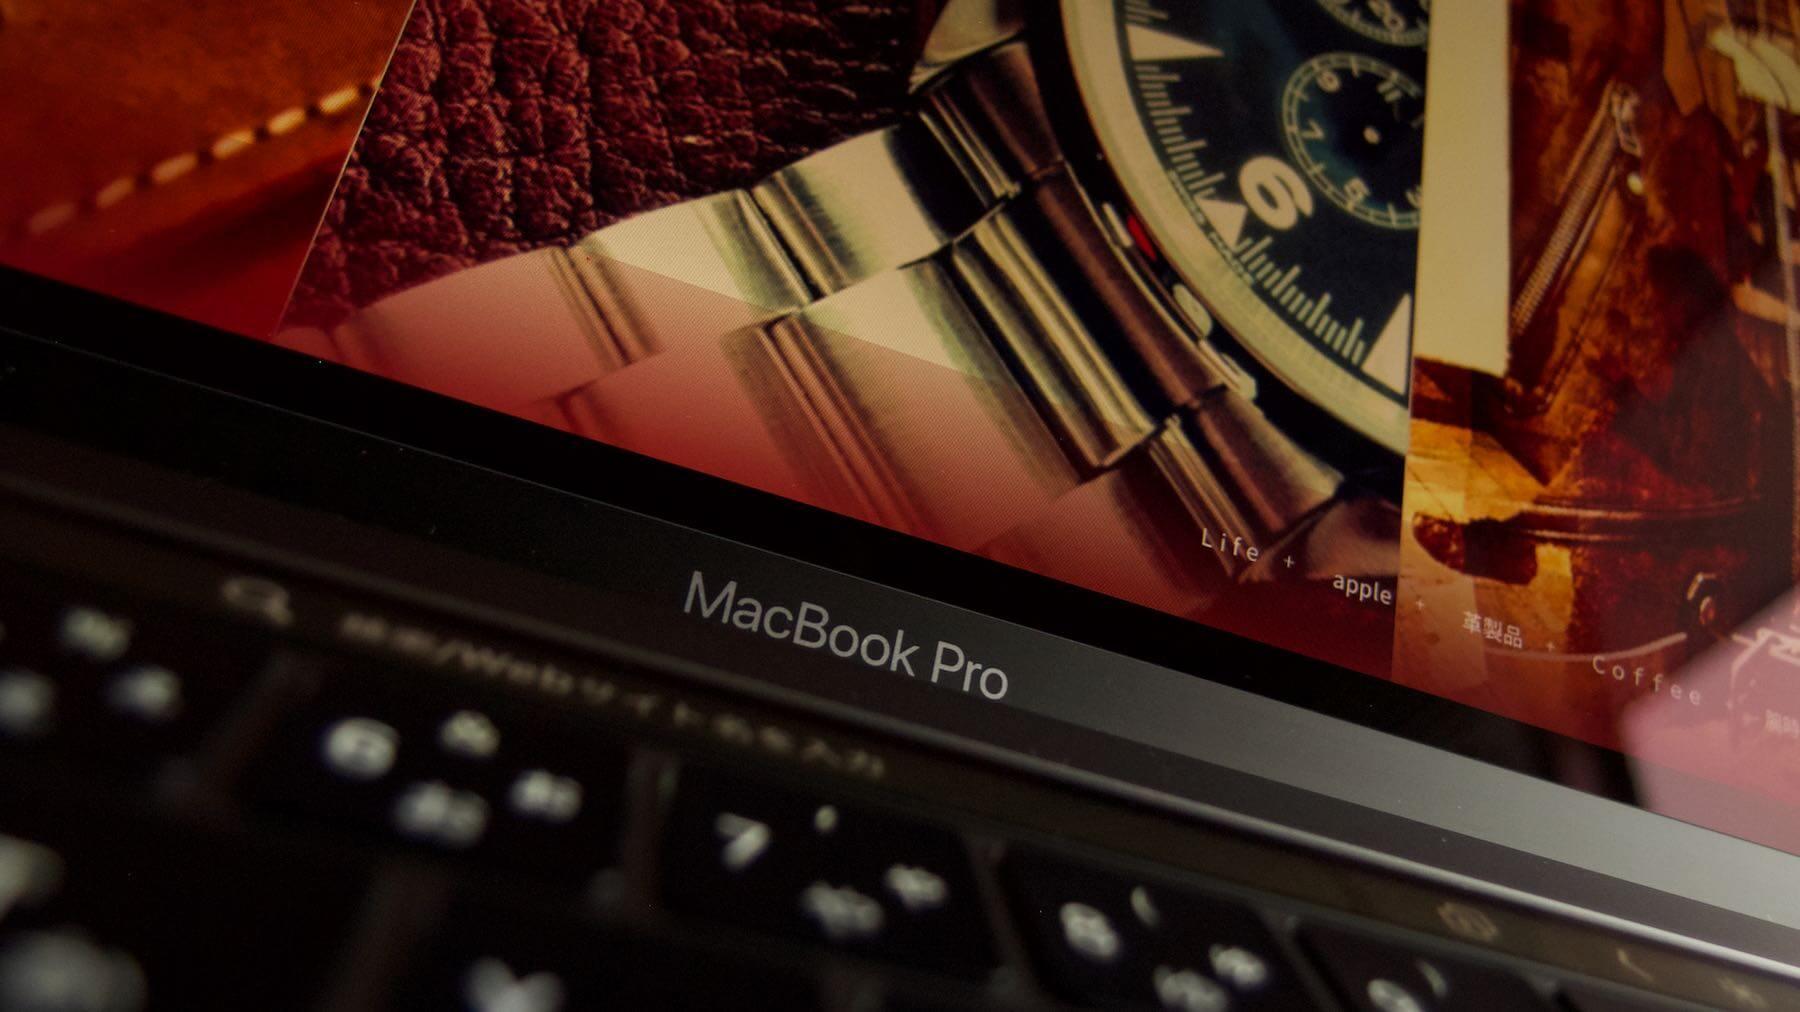 08 Macbook Pro 2017 13inch